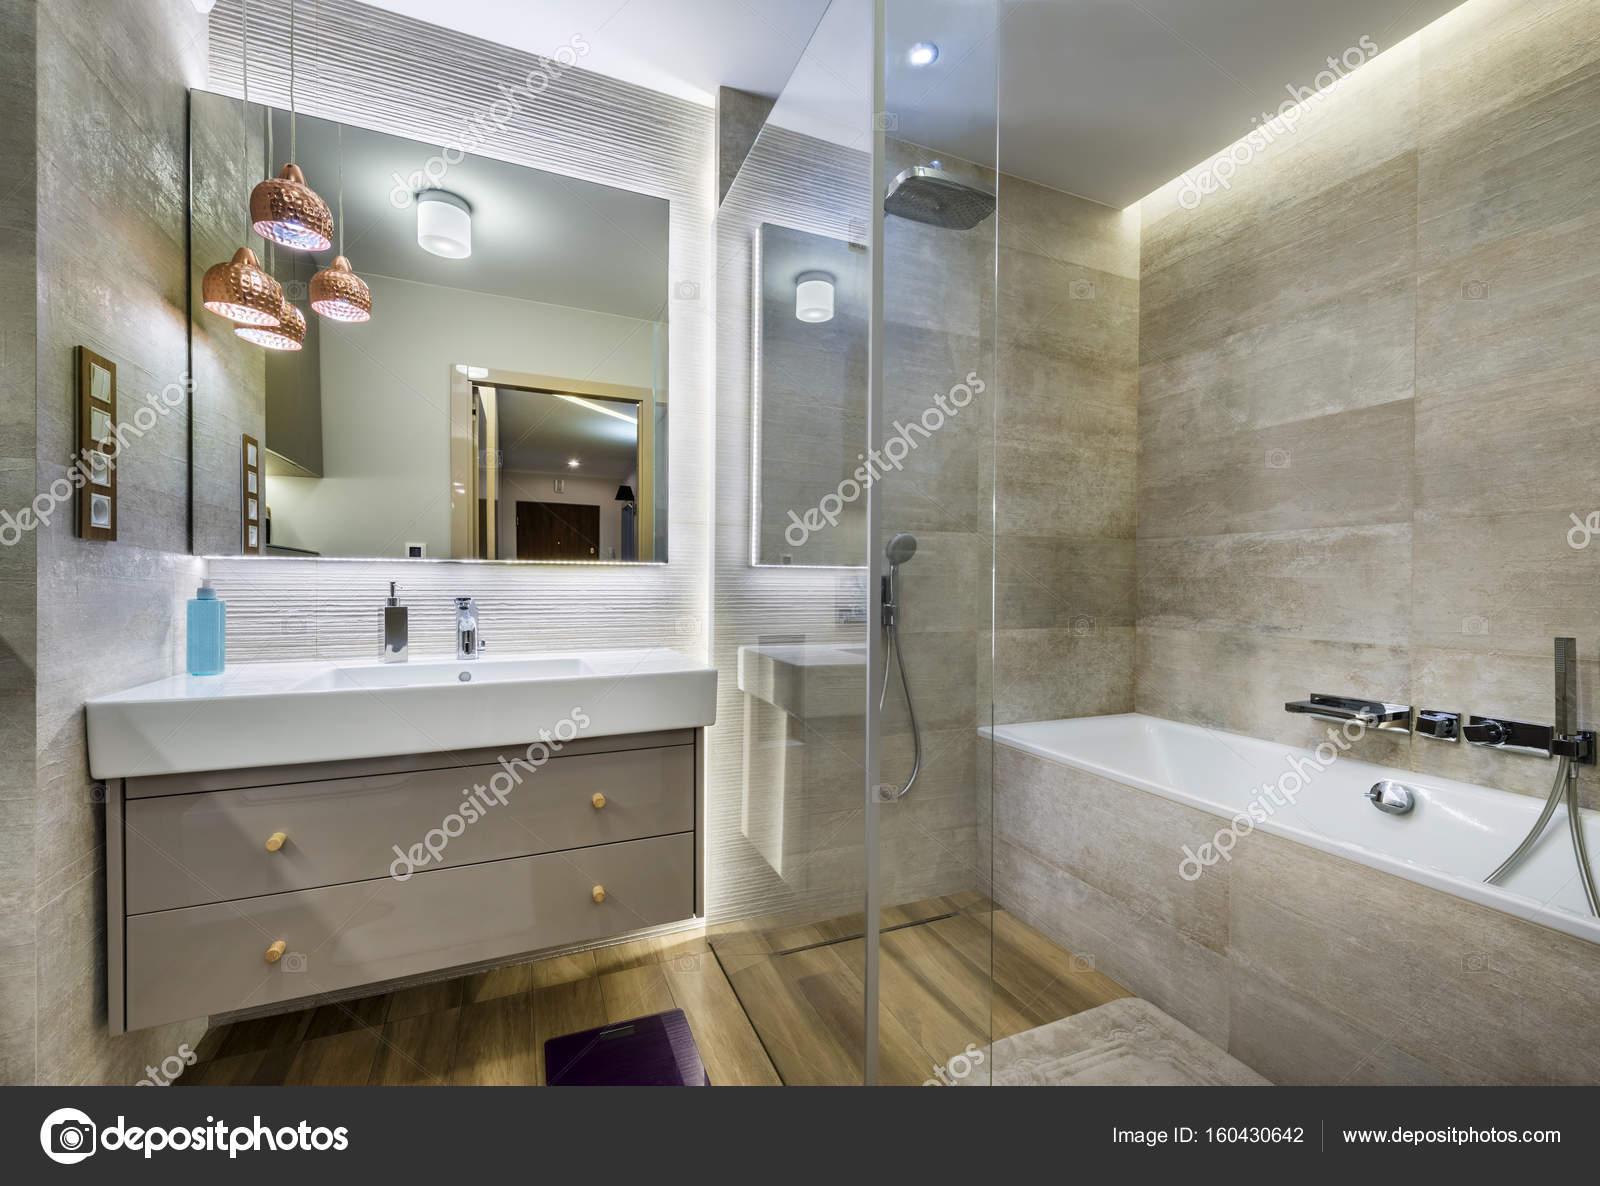 https://st3.depositphotos.com/1033308/16043/i/1600/depositphotos_160430642-stockafbeelding-moderne-badkamer-met-houten-vloer.jpg